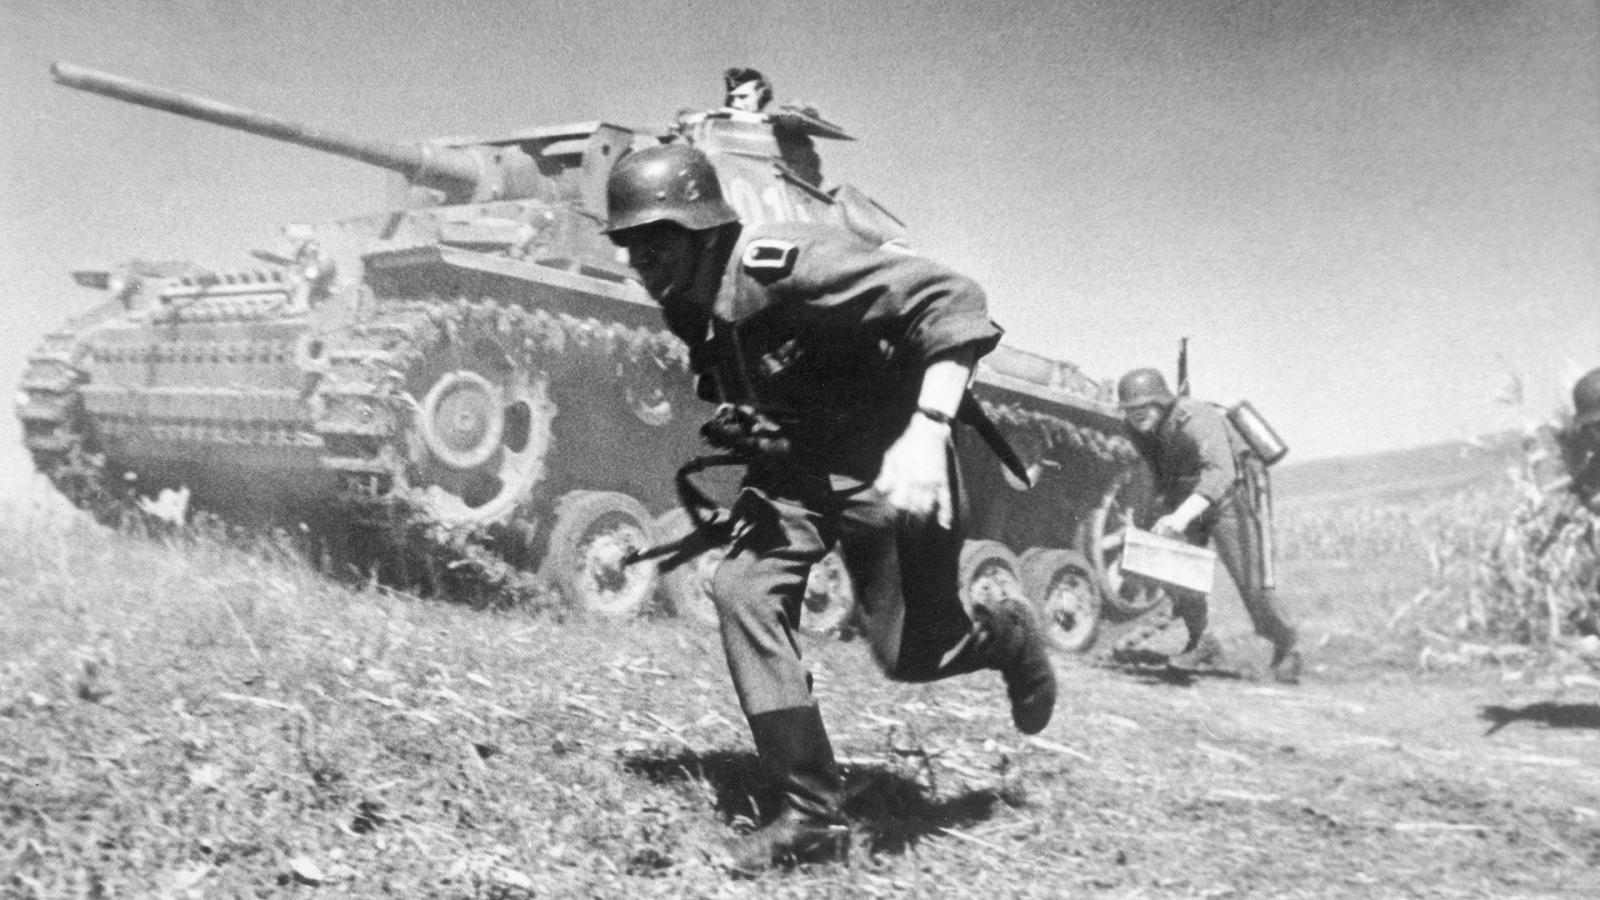 Cuộc tiến công lớn cuối cùng của quân Đức Quốc xã trước khi bị đánh bại trong Thế chiến II